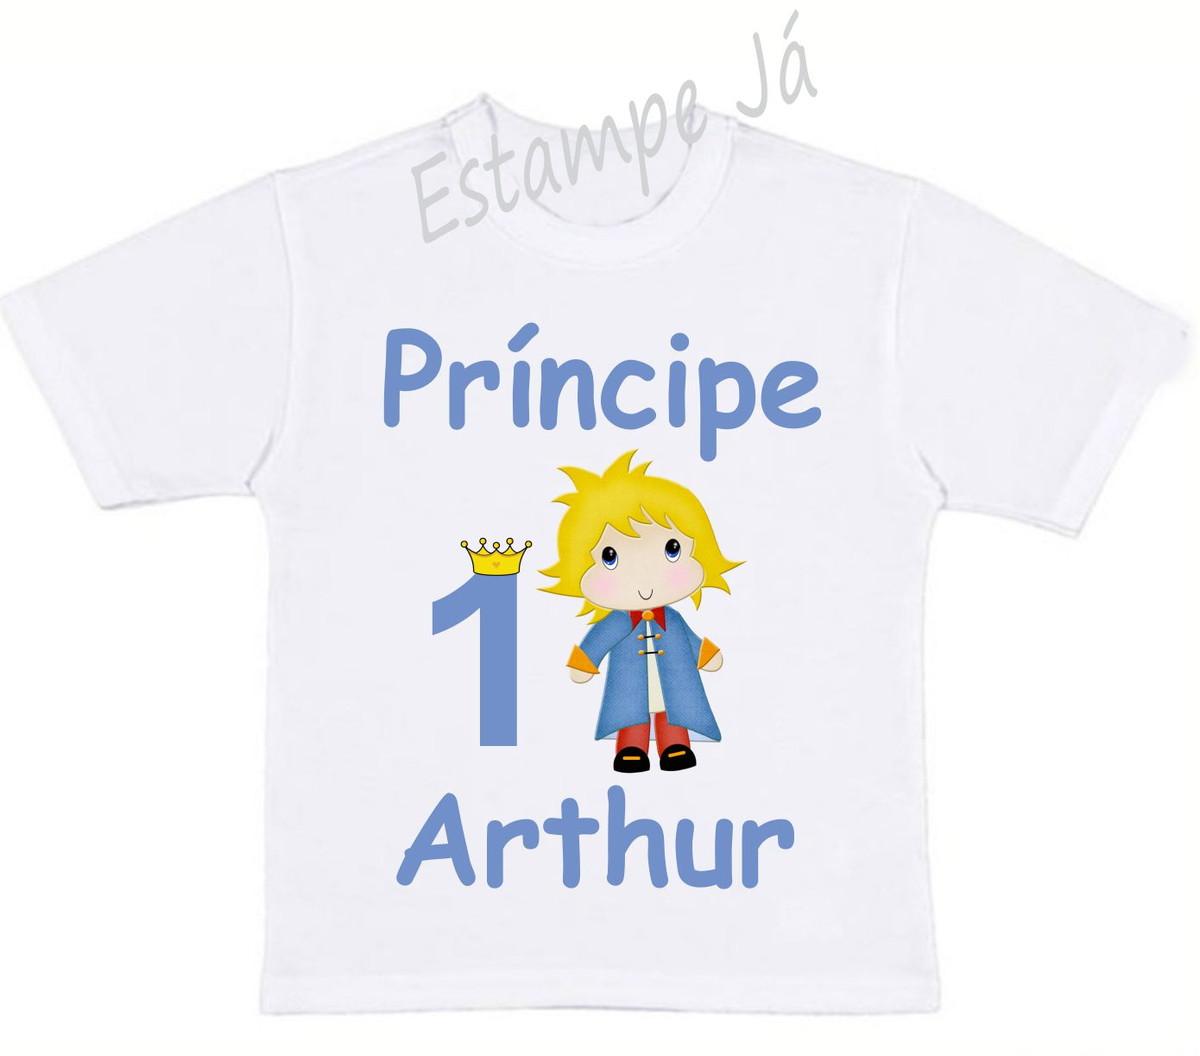 6a55e3e7e23 Camiseta Personalizada do Pequeno Príncipe no Elo7